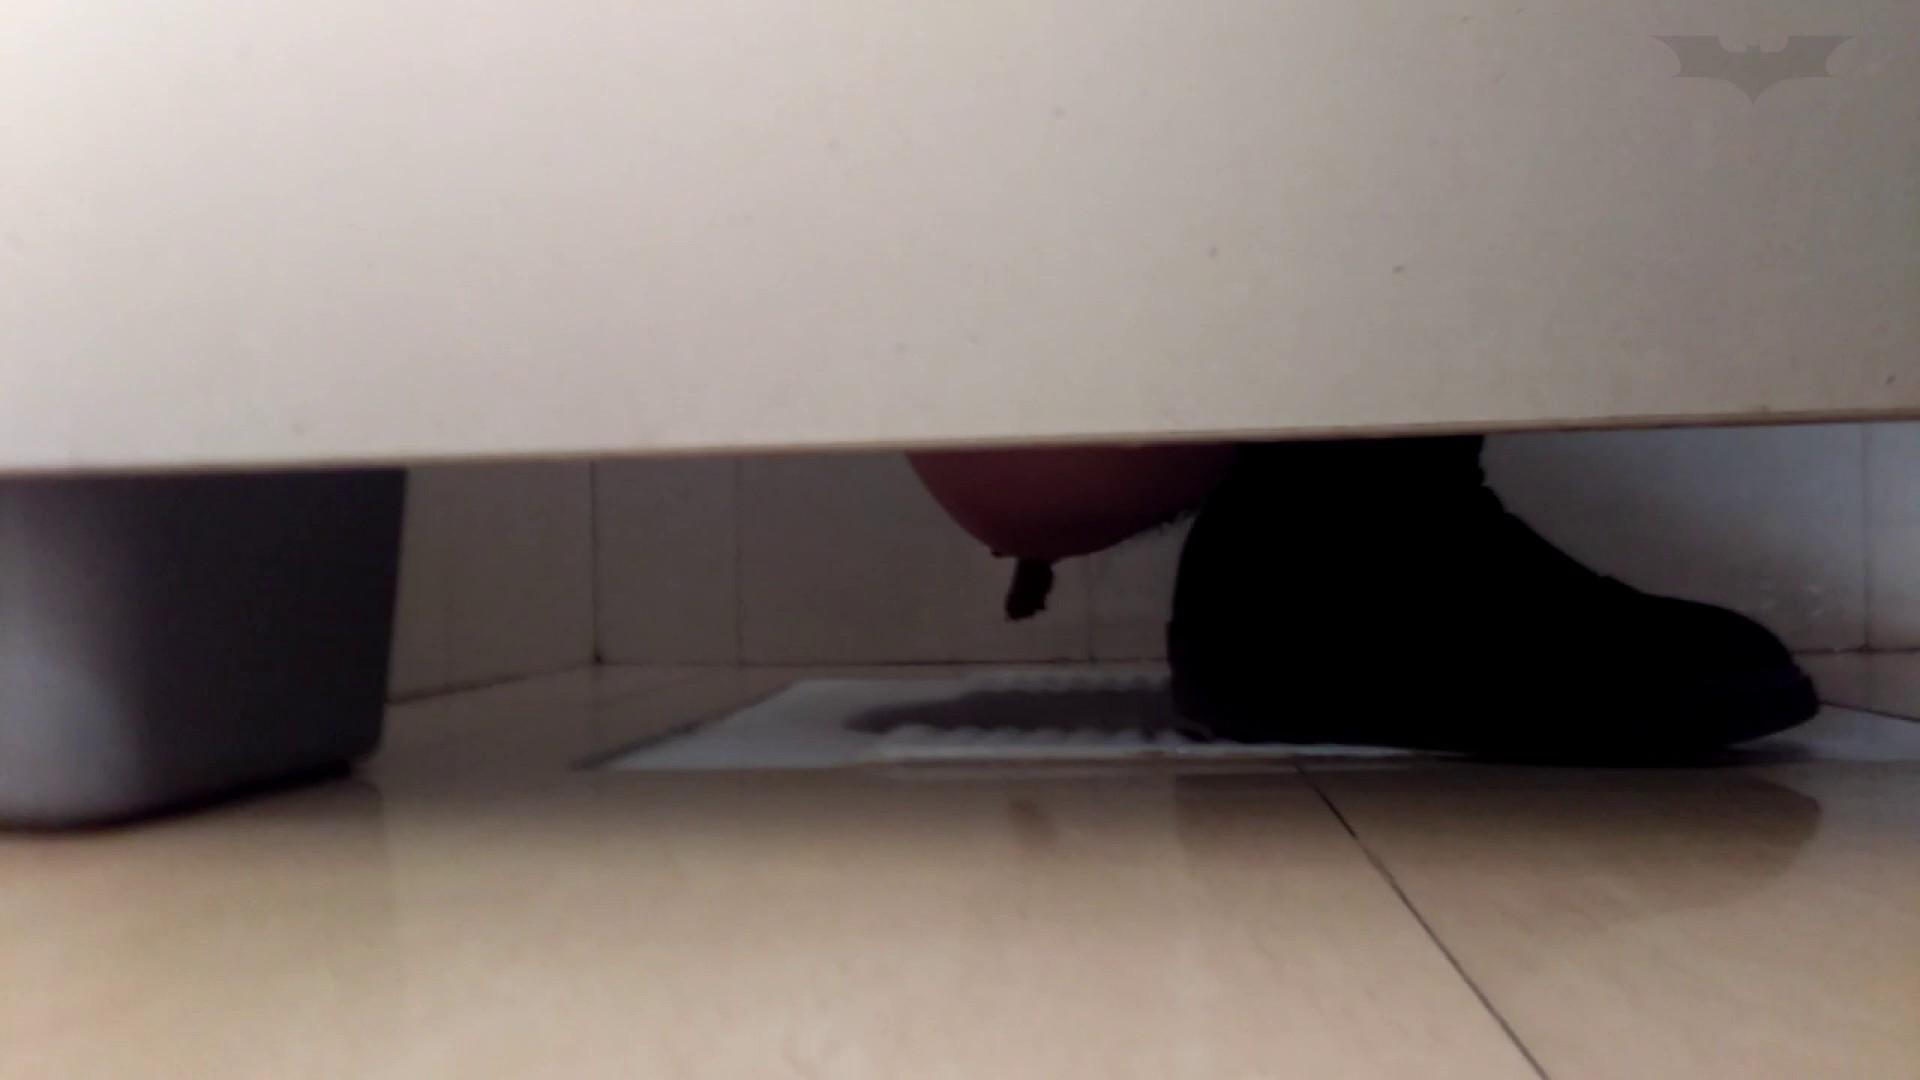 芸術大学ガチ潜入盗撮 JD盗撮 美女の洗面所の秘密 Vol.99 美女  65PIX 12